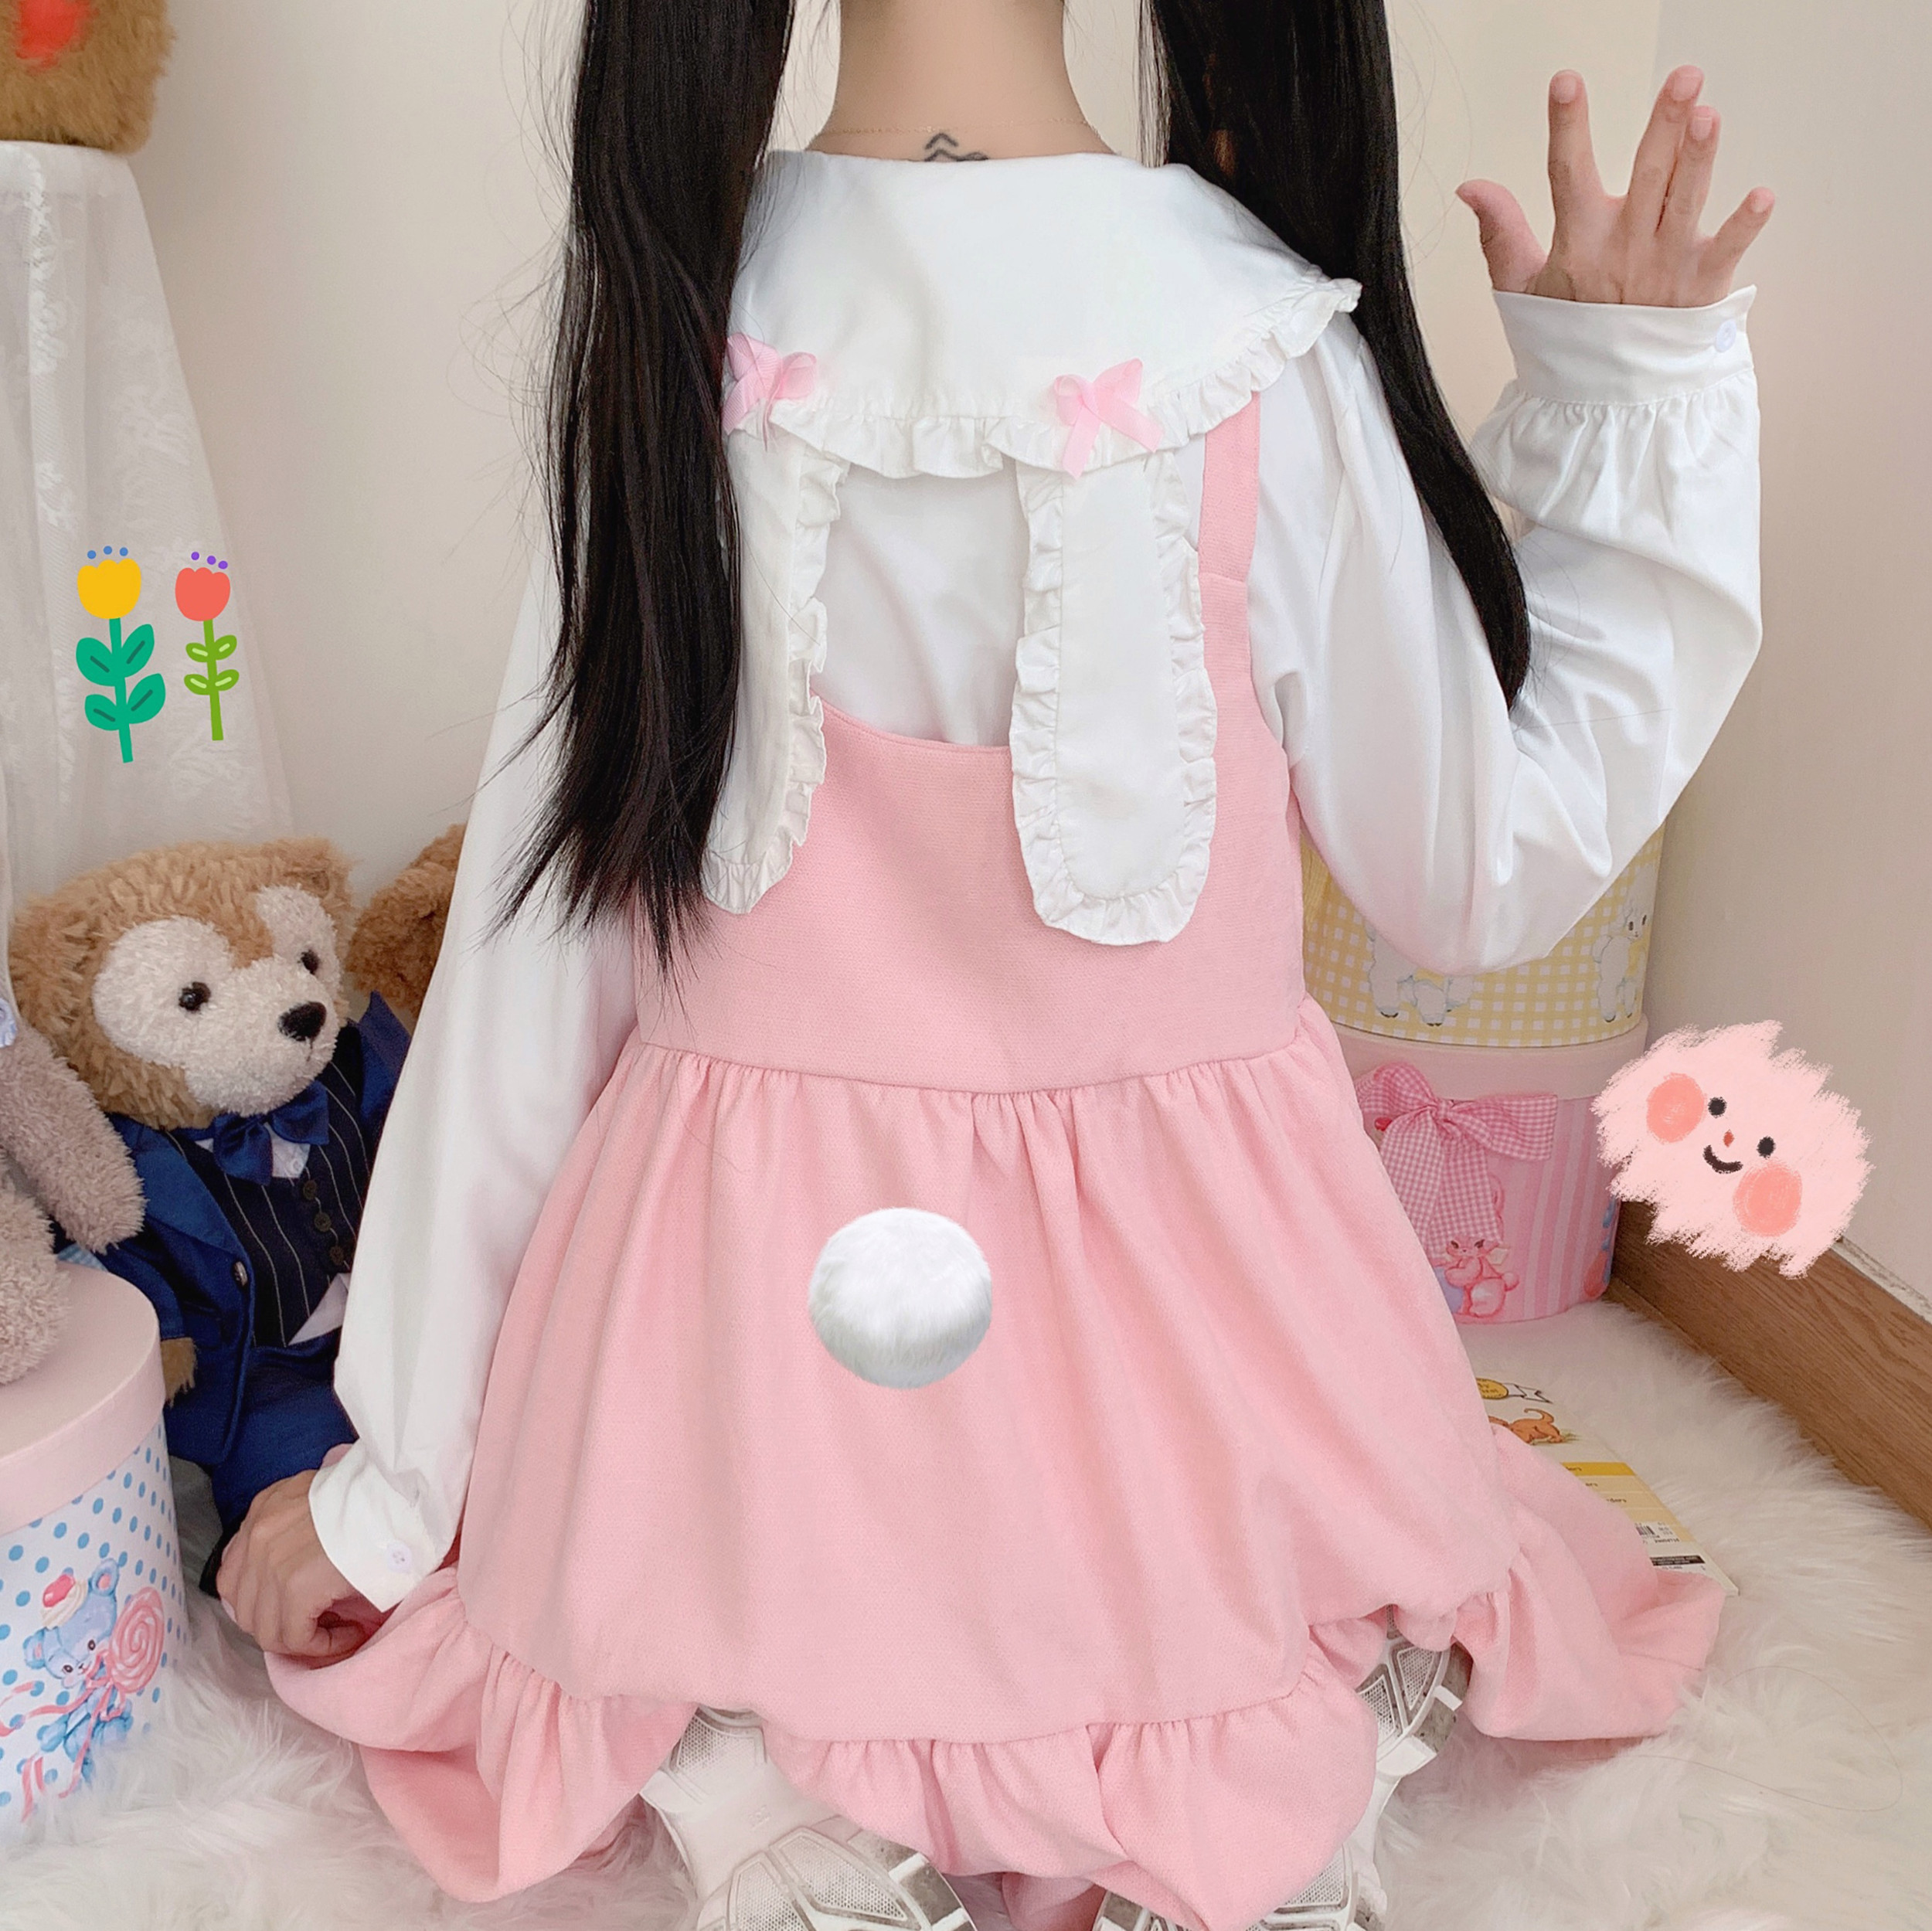 Японский осенний костюм из двух предметов Kawaii Lolita маскарадный костюм с бантом и заячьими ушками милое мягкое платье без рукавов с оборками ...